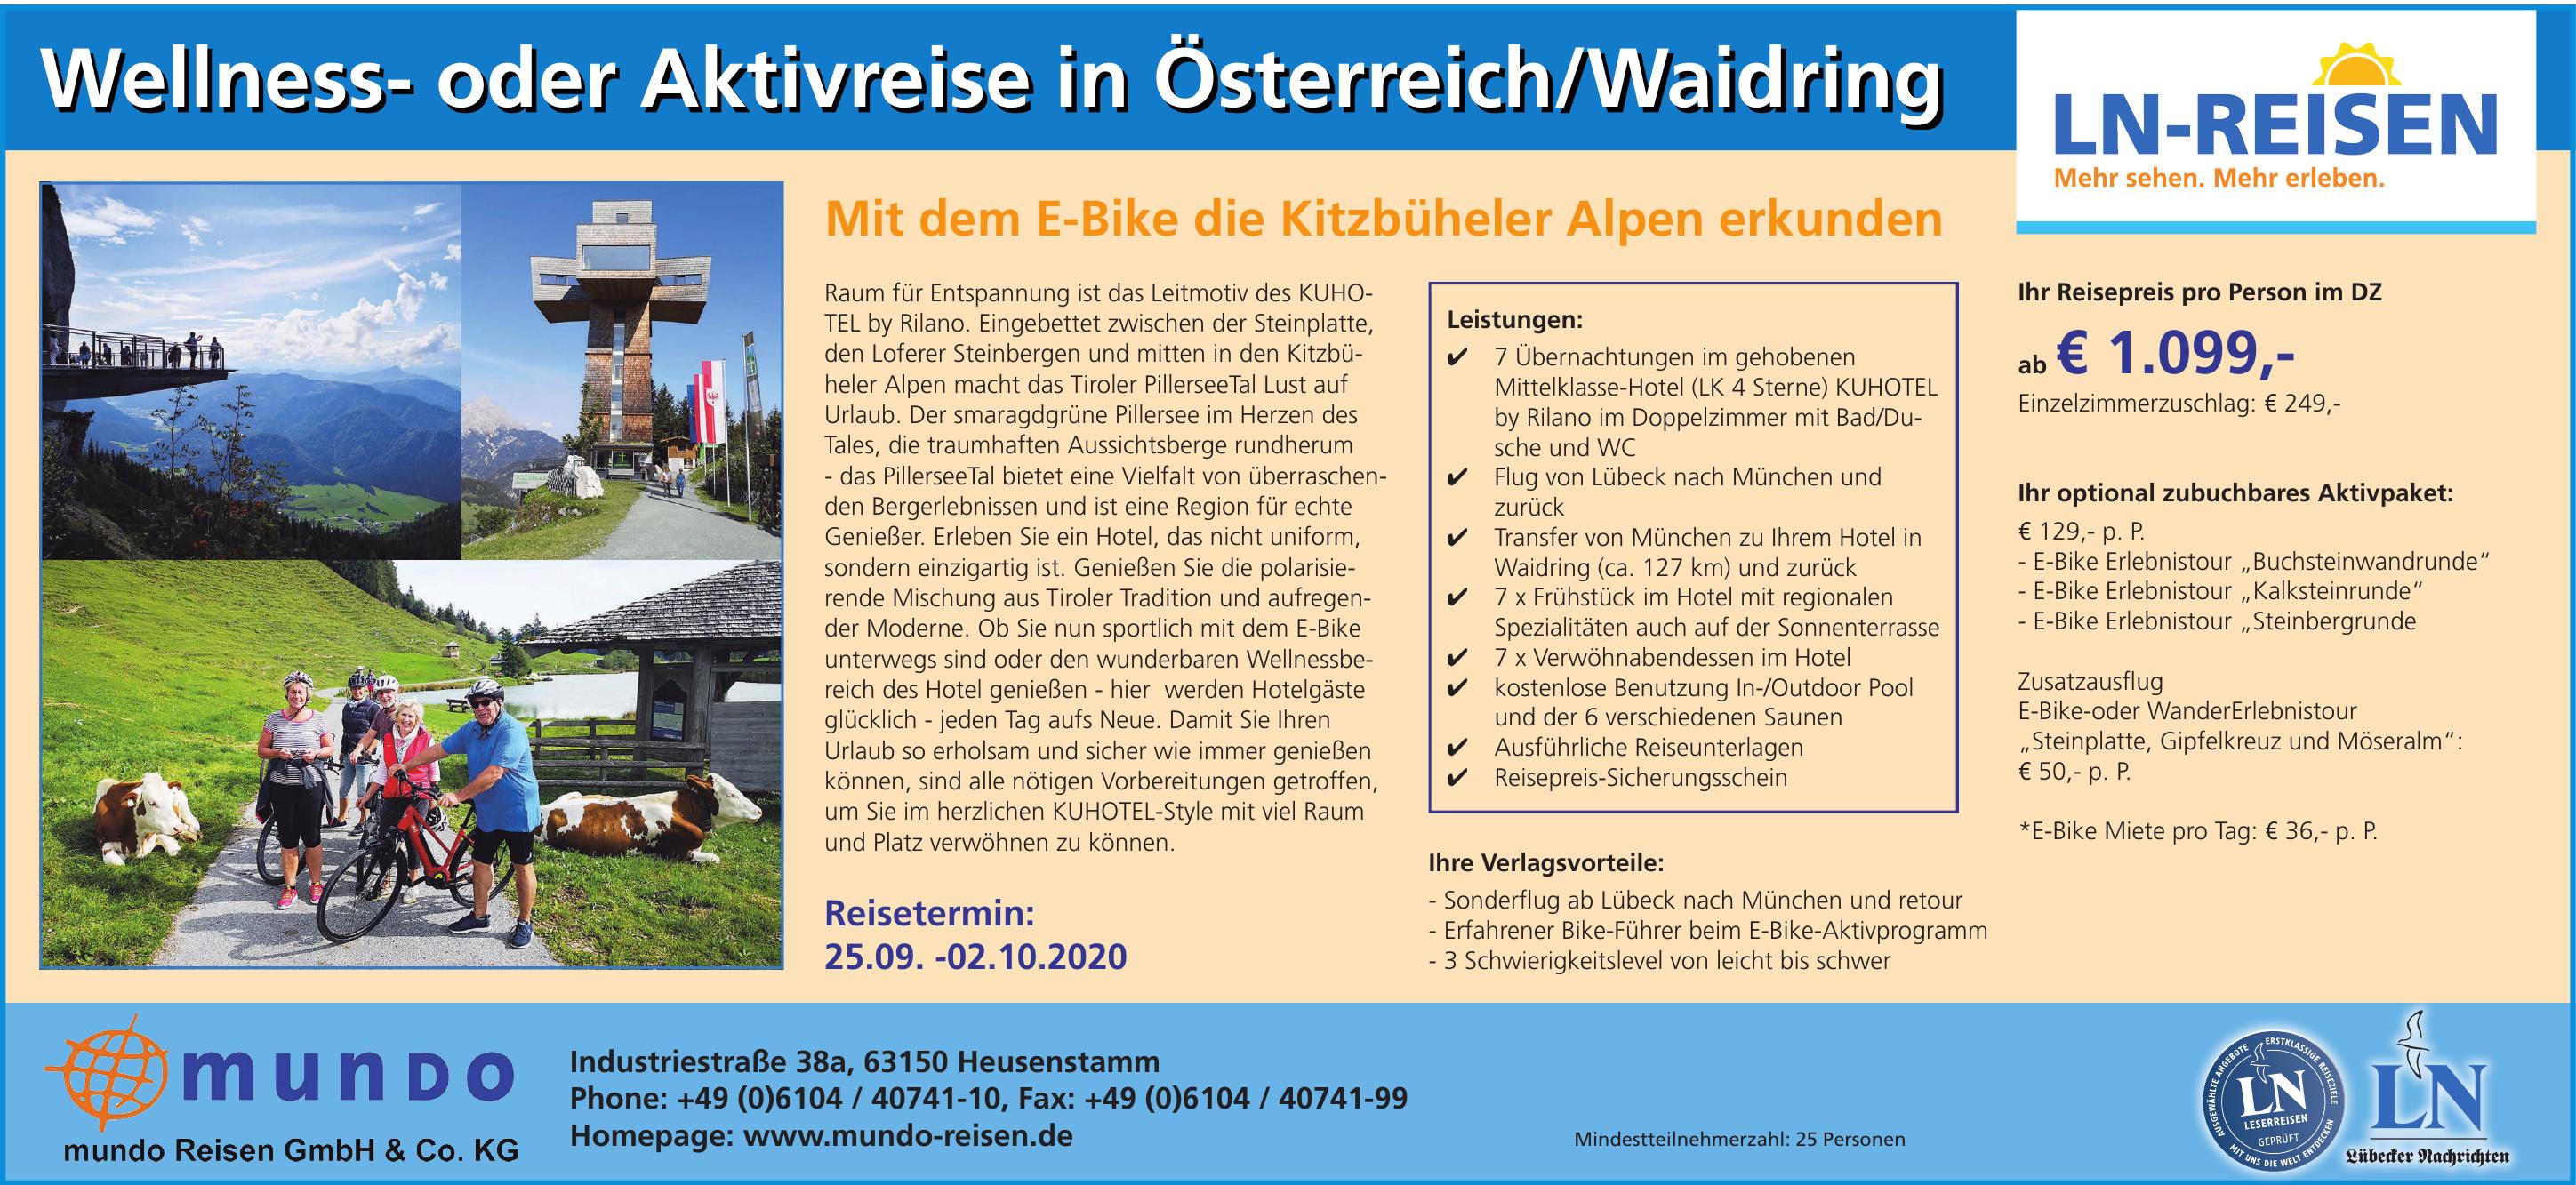 mundo Reisen GmbH & Co. KG